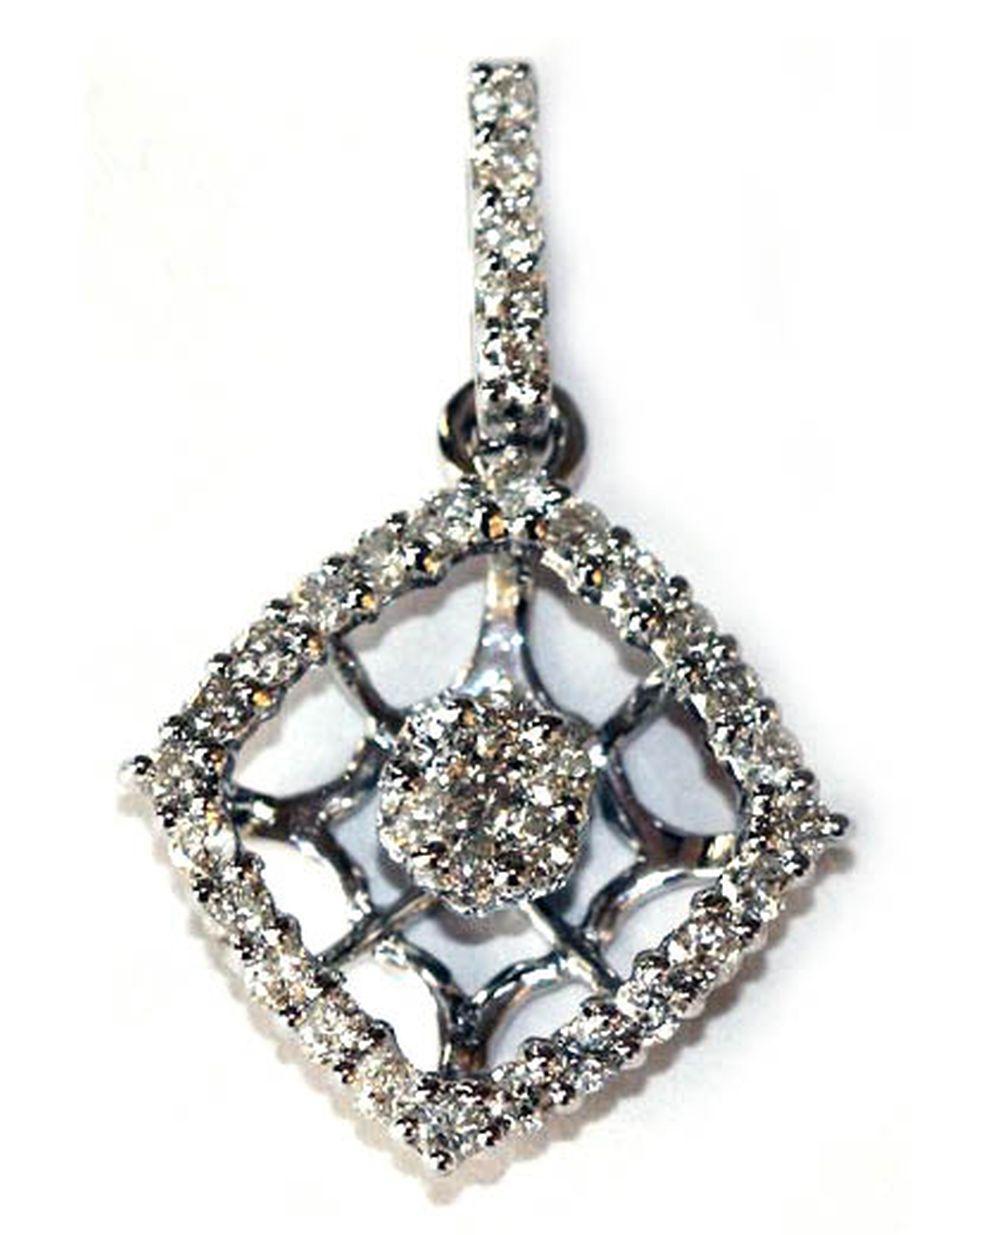 Diamonds 0.70 carats